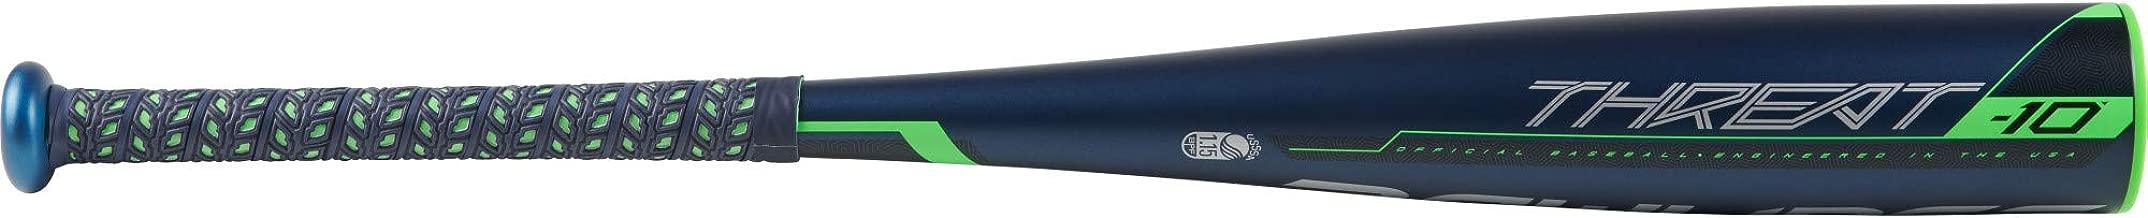 Rawlings 2019 Threat USSSA Senior League Baseball Bat (-10)